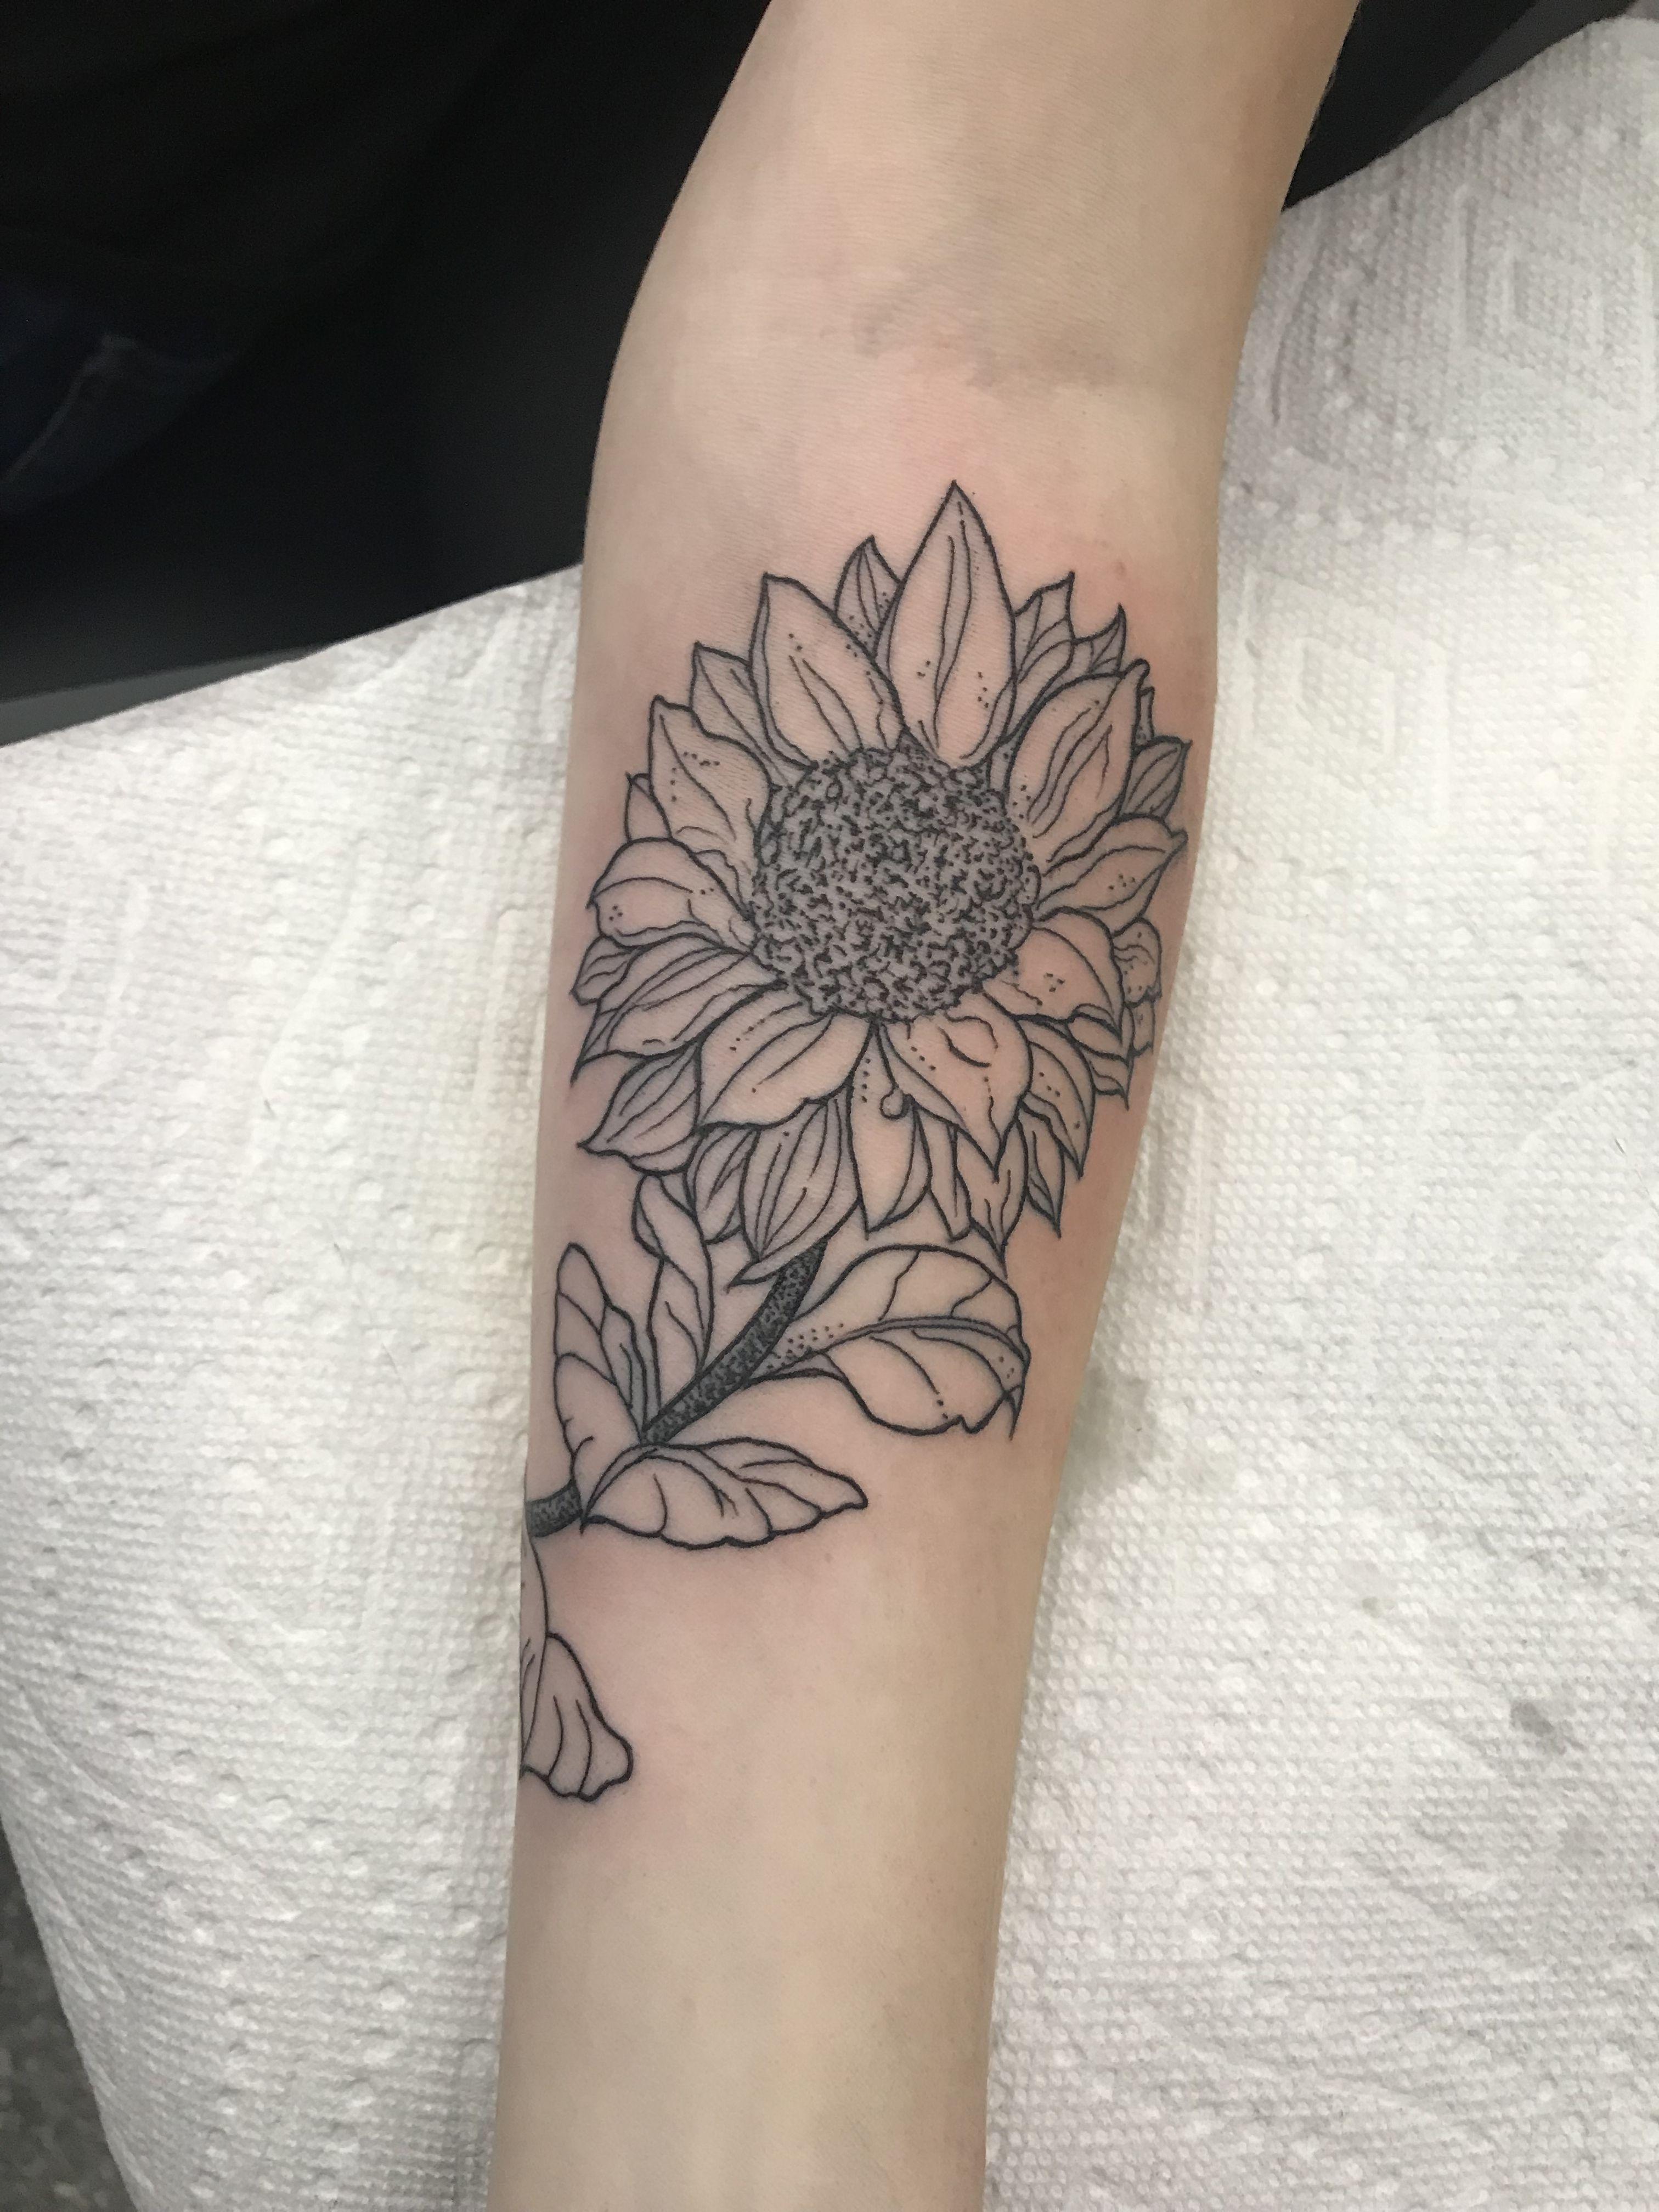 Sunflower Outline minimalist black ink lady tattoo